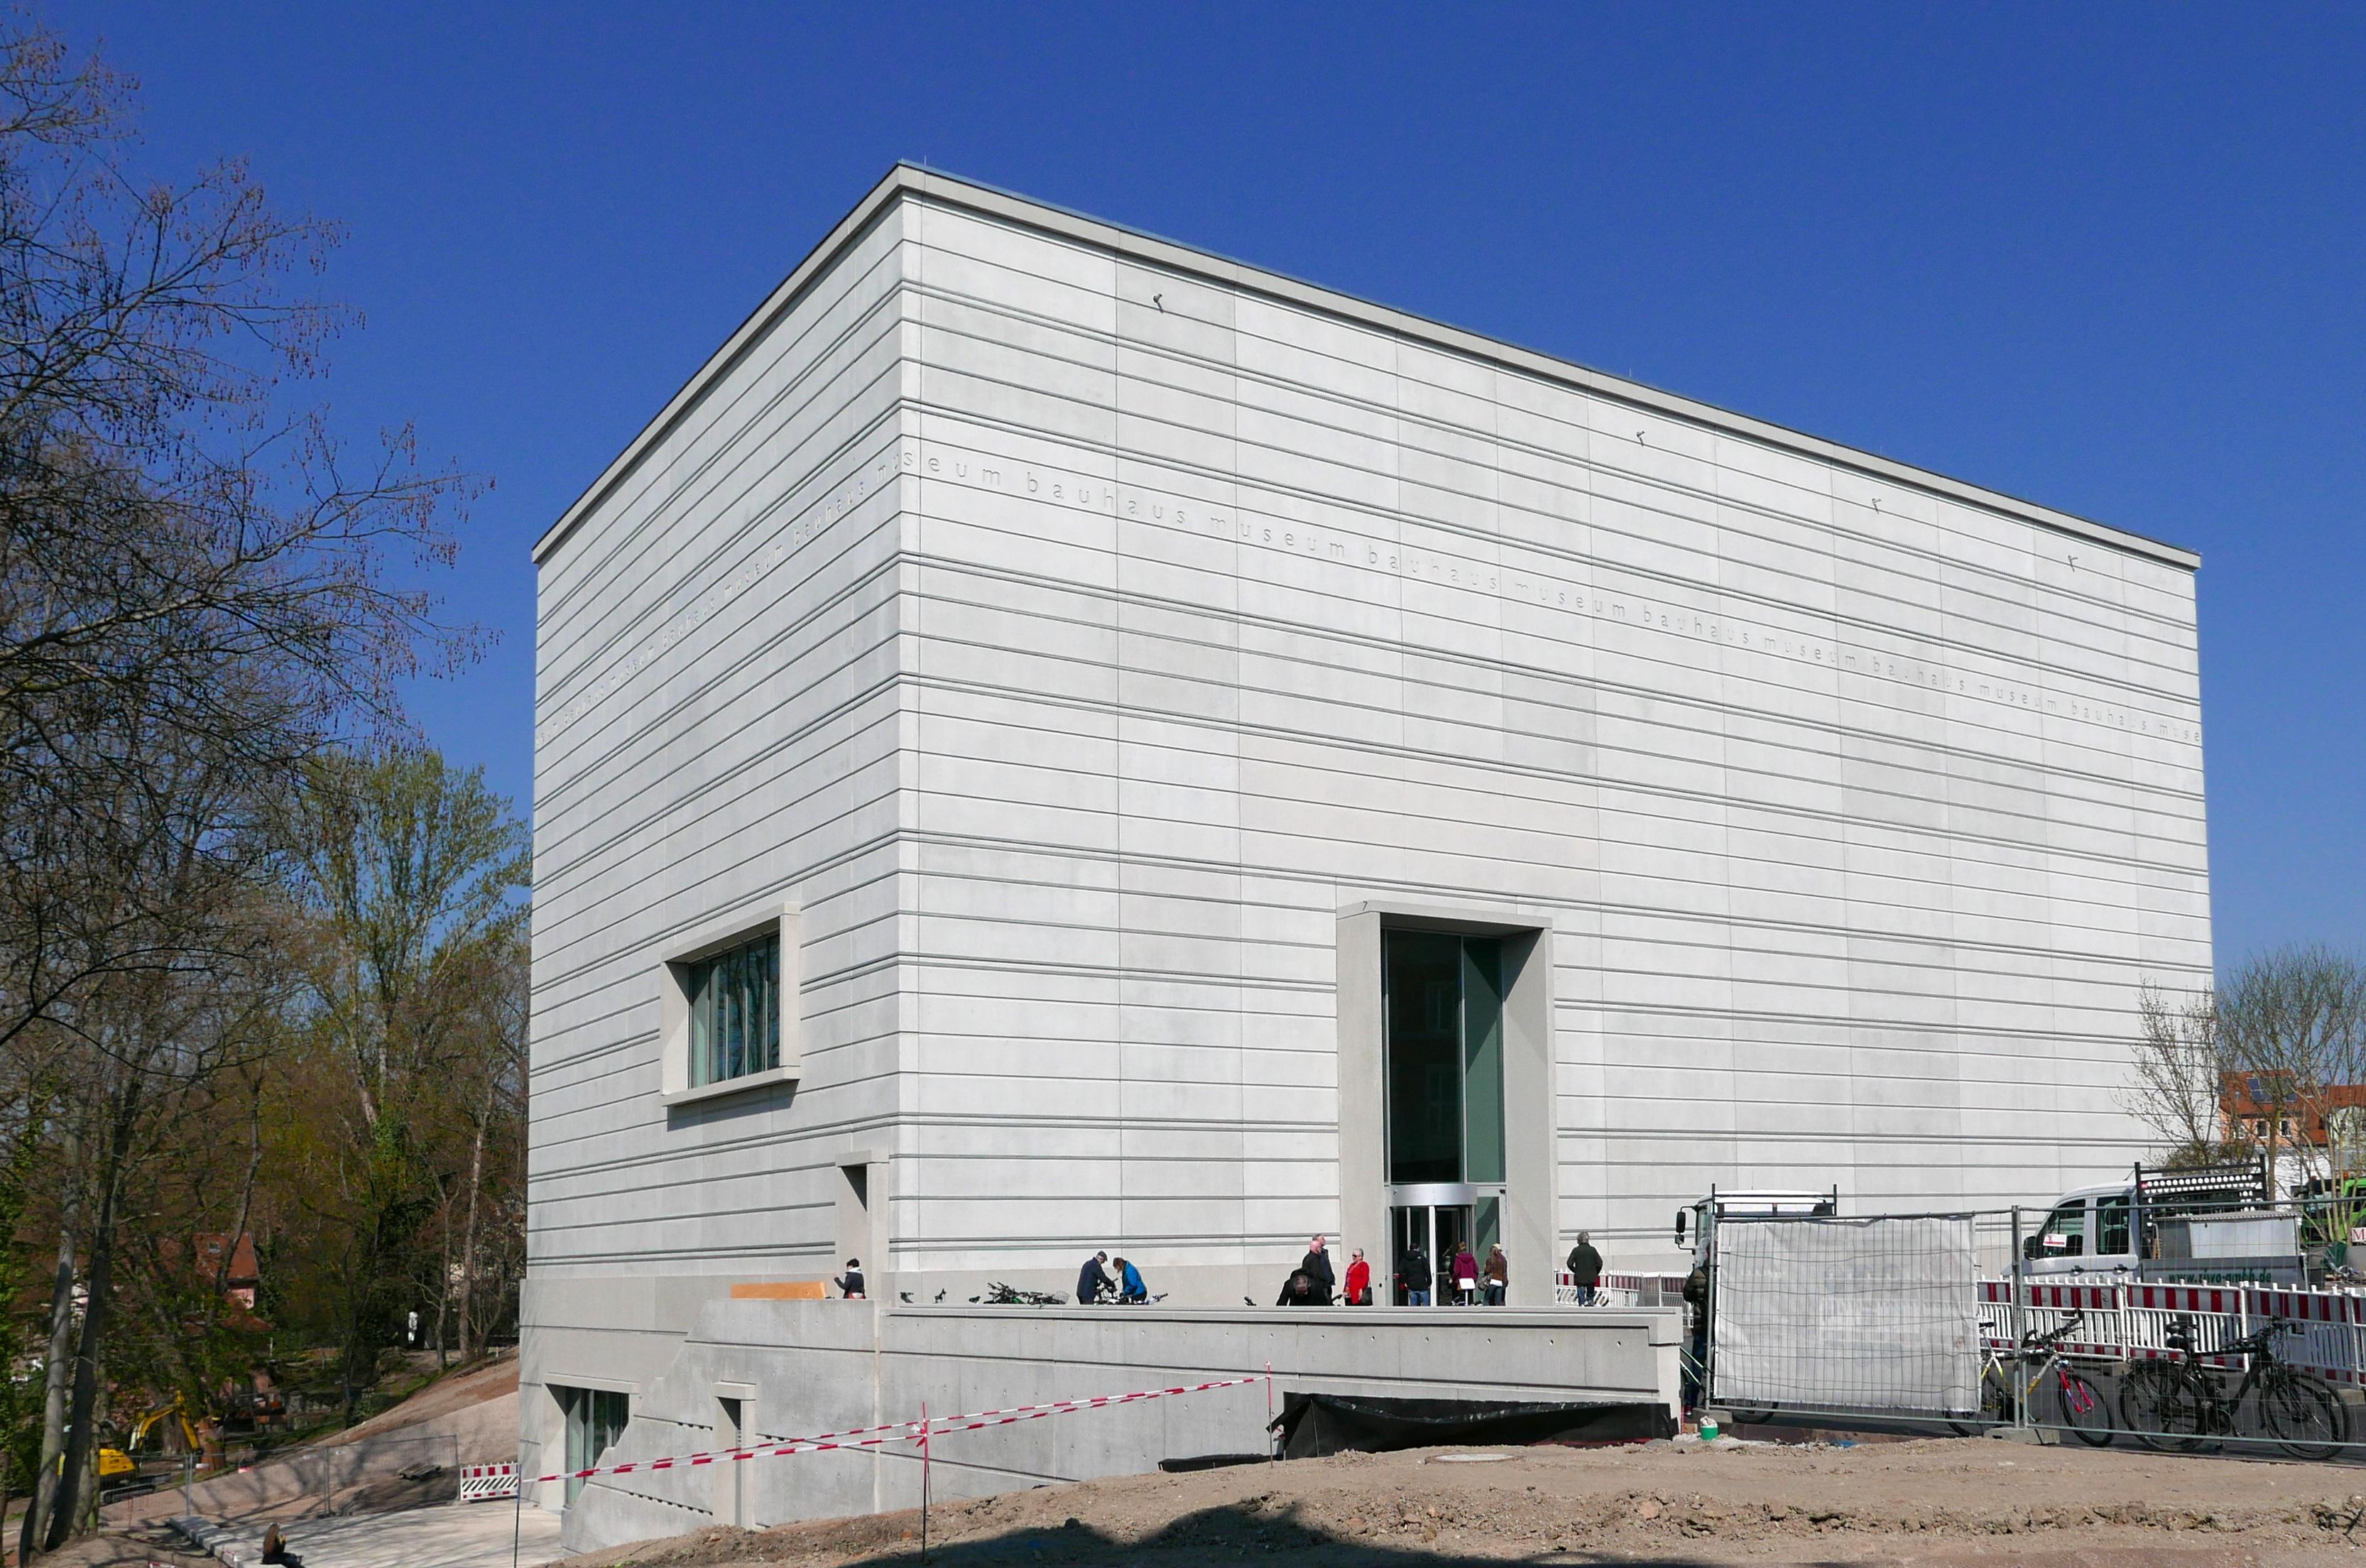 Weimar Bauhausmuseum